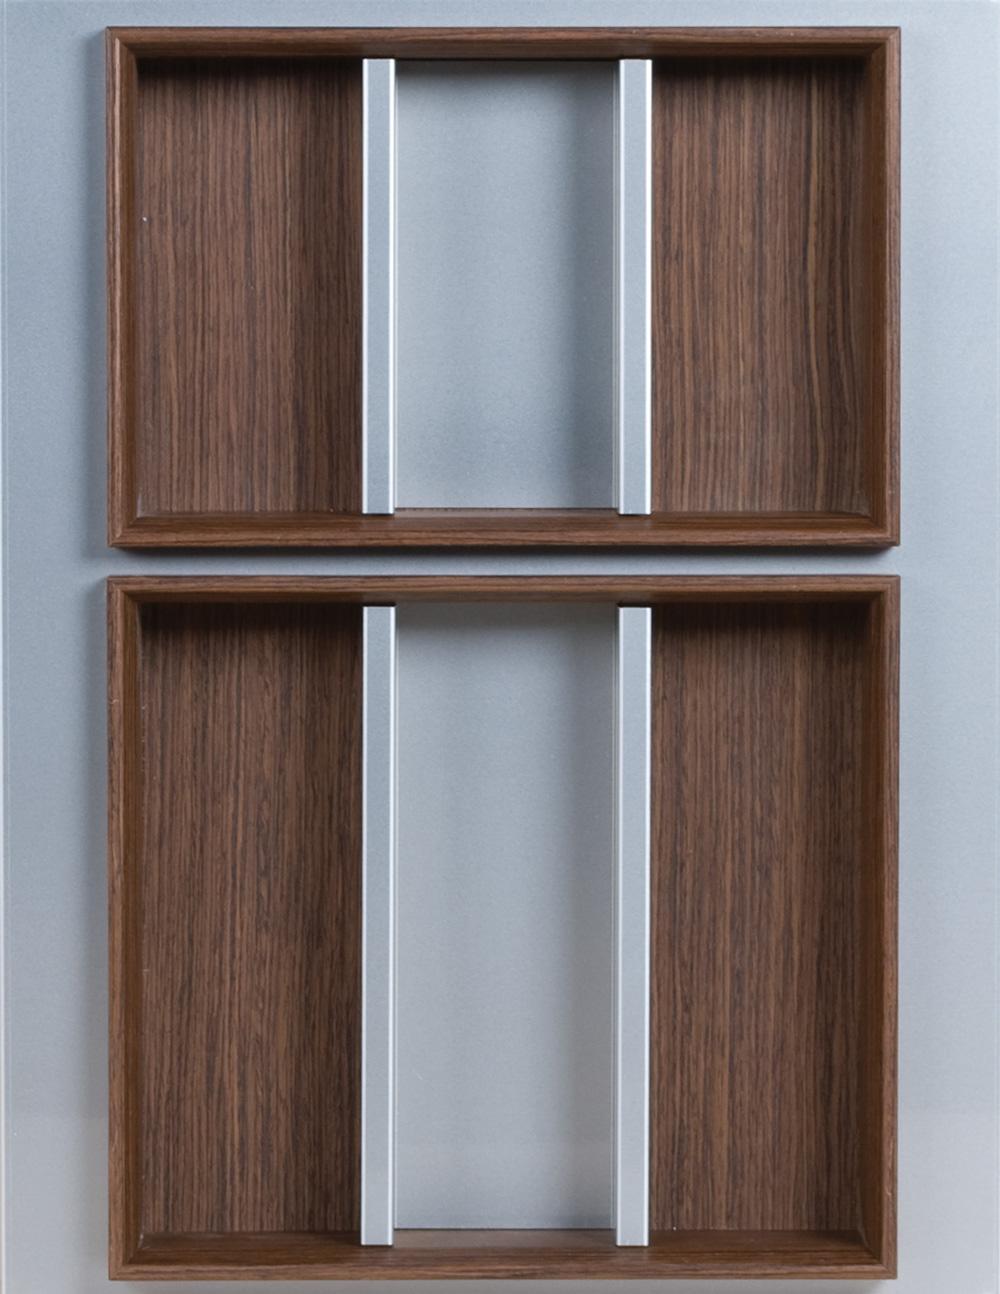 Лоток для столовых приборов Domino  Portaposate 45, B50, ДСП 18мм алюминий+венге